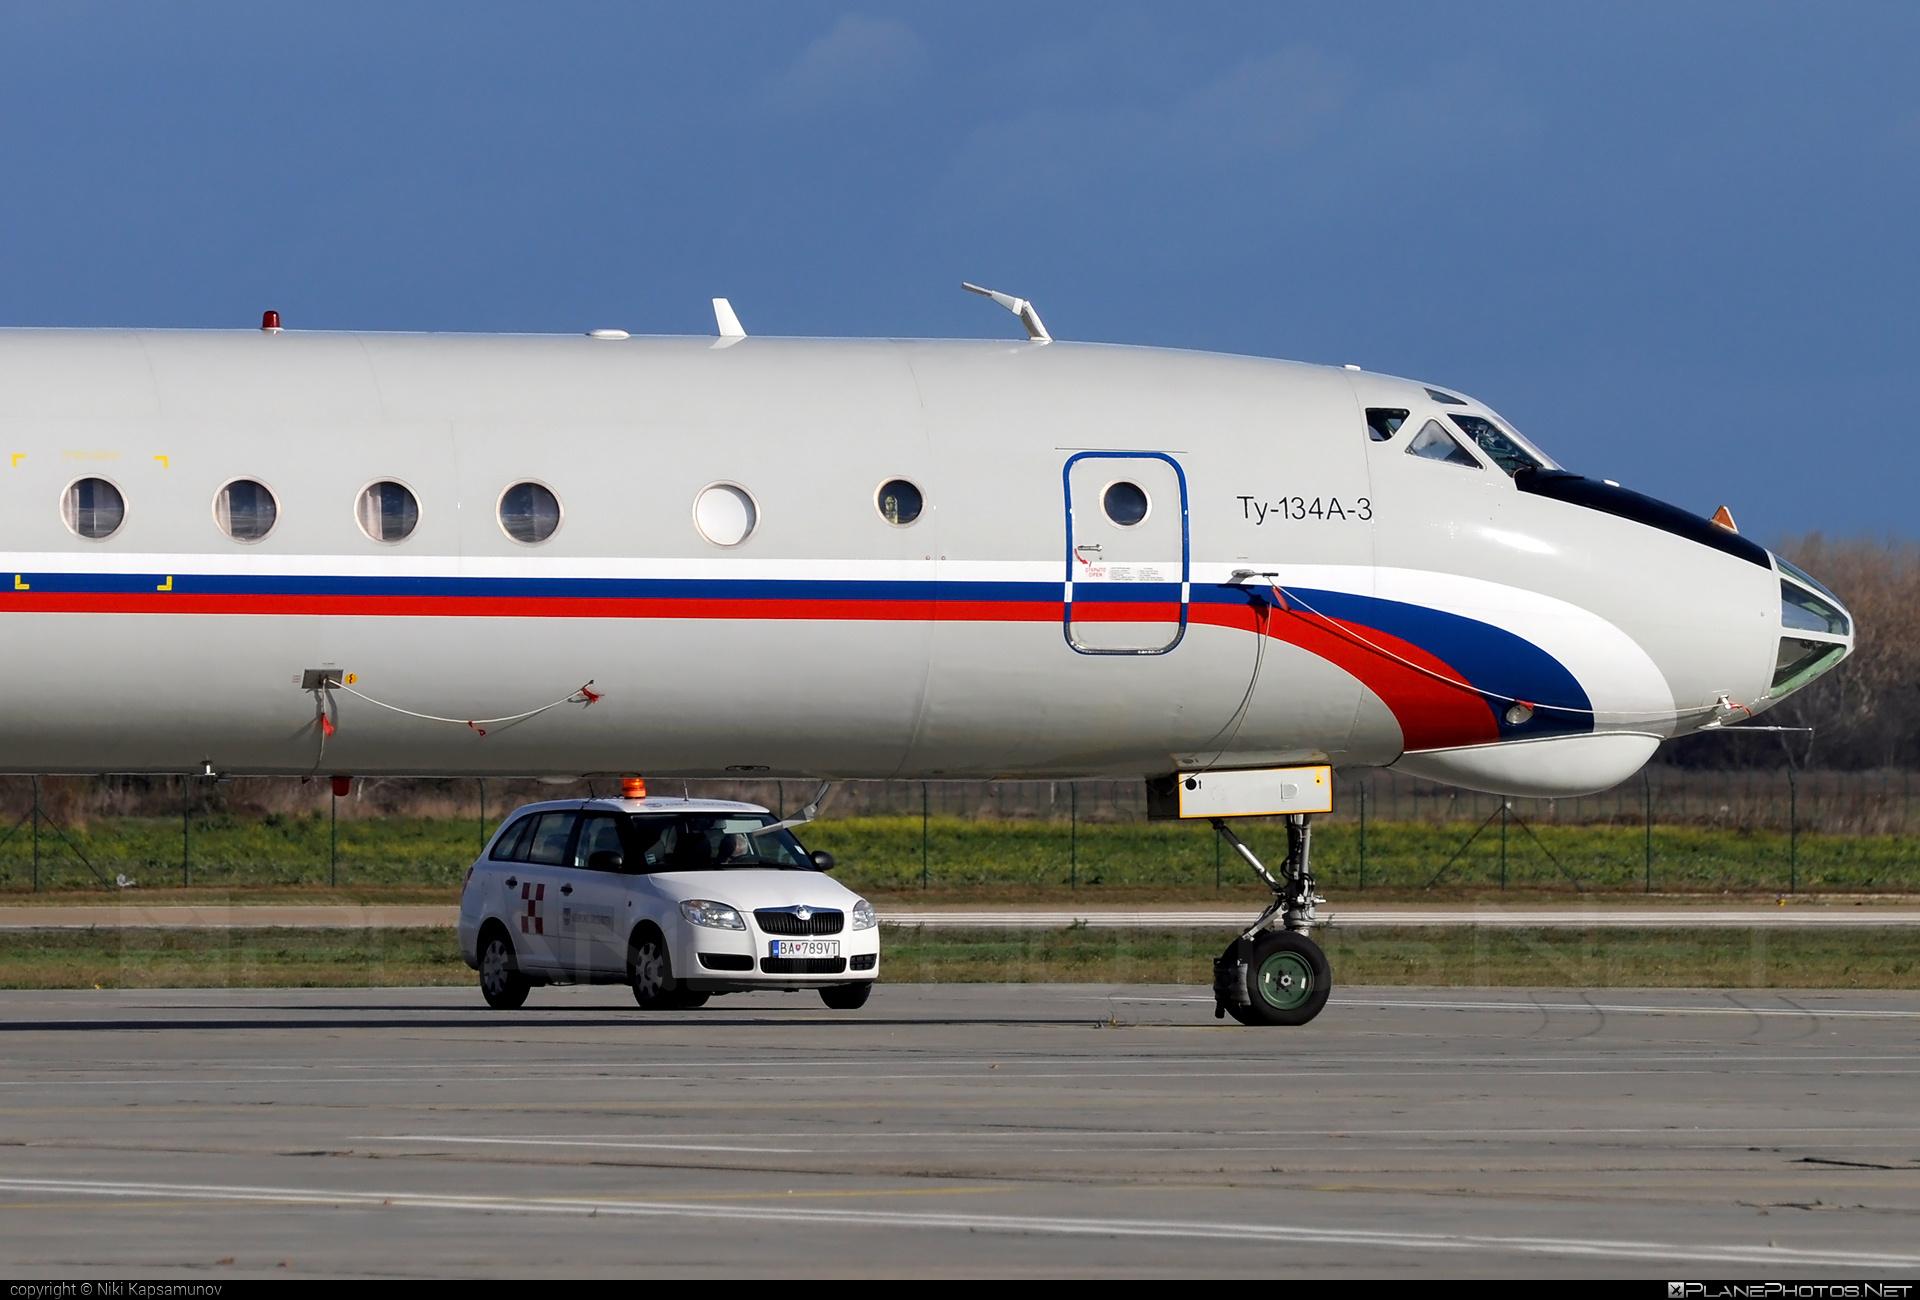 Tupolev Tu-134A-3 - RA-65729 operated by Voyenno-vozdushnye sily Rossii (Russian Air Force) #tu134 #tu134a3 #tupolev #tupolev134 #tupolevtu134 #tupolevtu134a3